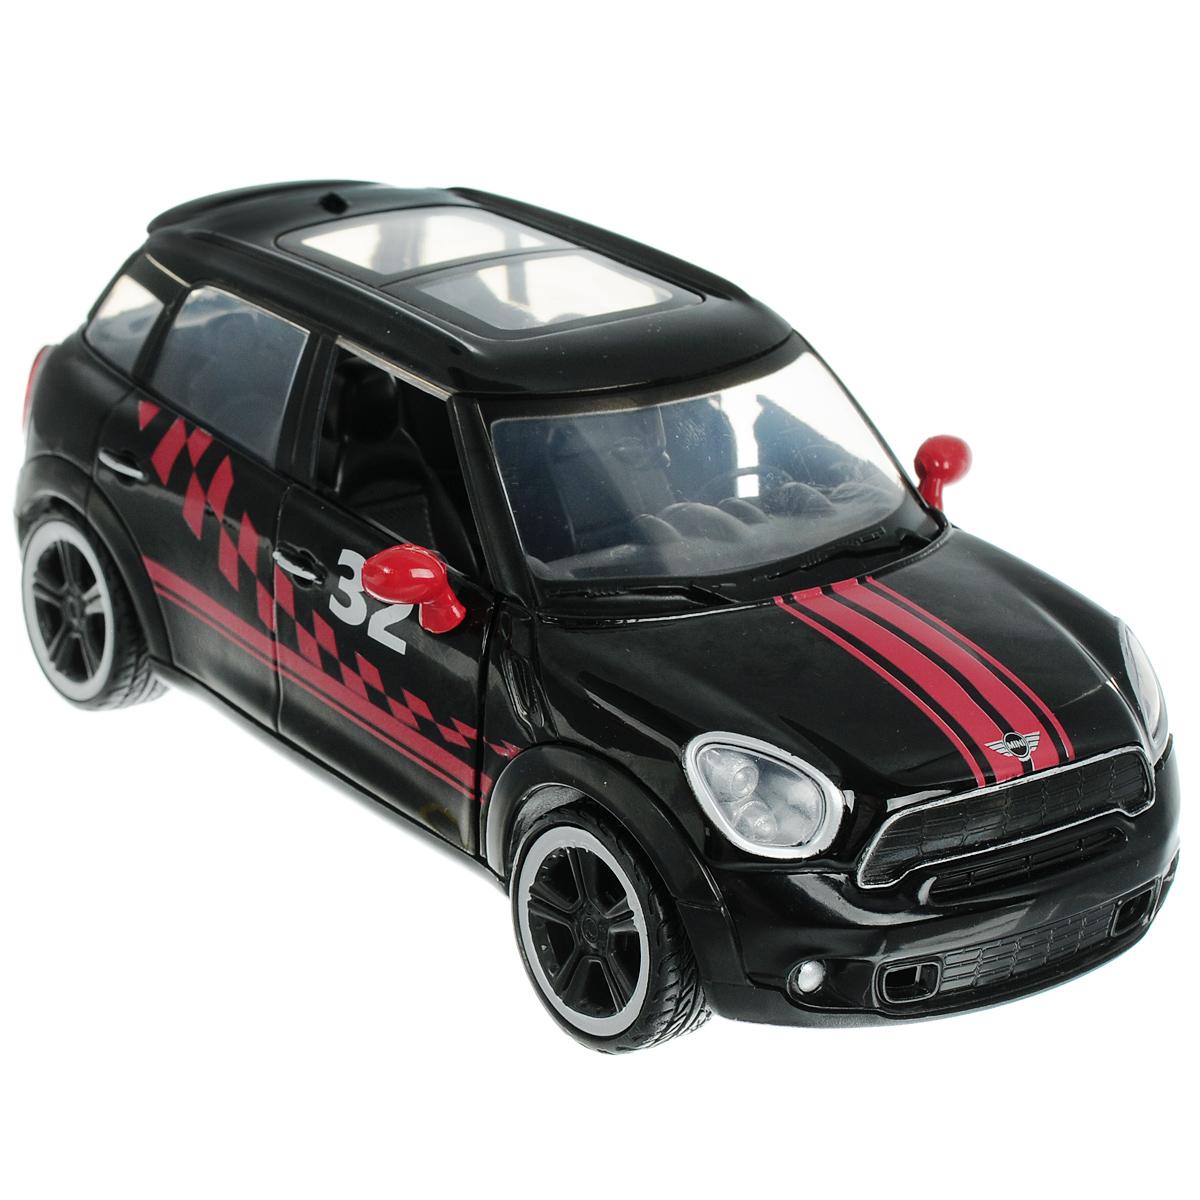 MotorMax Модель автомобиля Mini Cooper S Countryman73773Коллекционная модель MotorMax GT Racing Mini Cooper S Countryman станет хорошим подарком для любого ценителя автомобилей. Она имеет отличную детализацию и является уменьшенной копией настоящей машины. Коллекционная модель Mini Cooper S Countryman изготовлена в масштабе 1:24 и максимально приближена к своему прототипу. У автомобиля проработан интерьер салона, он имеет прорезиненные шины, а капот и дверцы открываются. Модель изготовлена из литого металла по технологии die cast, и декорирована пластиковыми элементами, оформленными в спортивном стиле. Этот великолепный автомобиль займет достойное место в любой коллекции, или игрушечном гараже маленького автолюбителя! Модель снабжена подставкой.